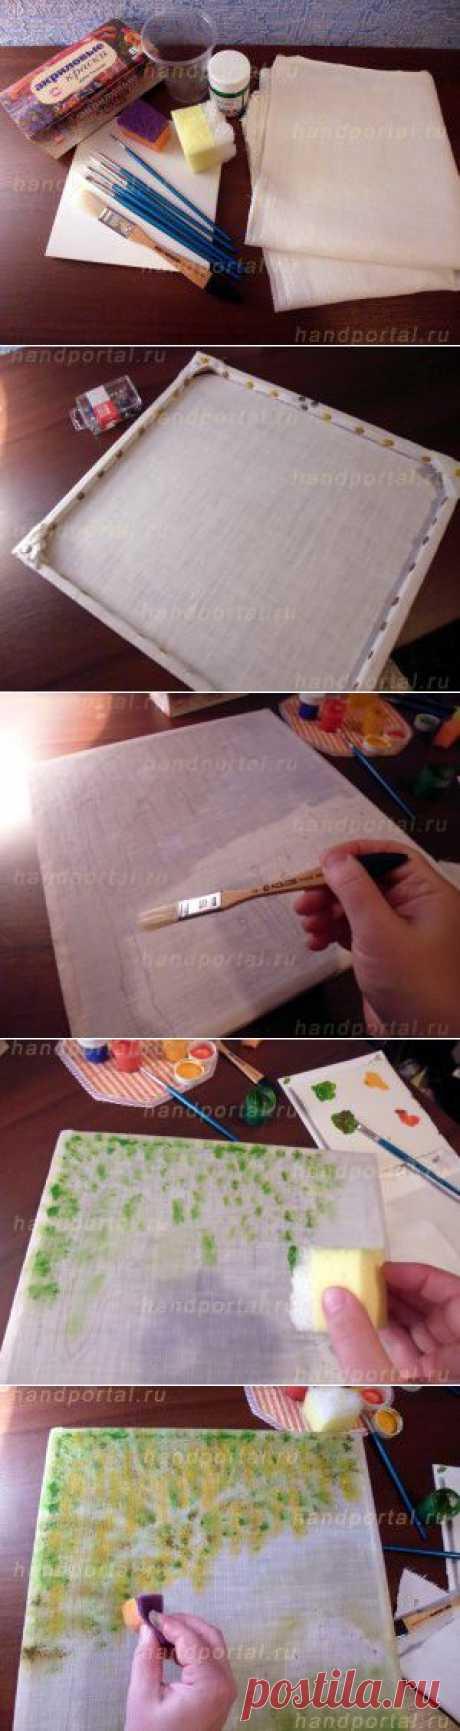 Как вышивать лентами картины? | Все, что сделано своими руками